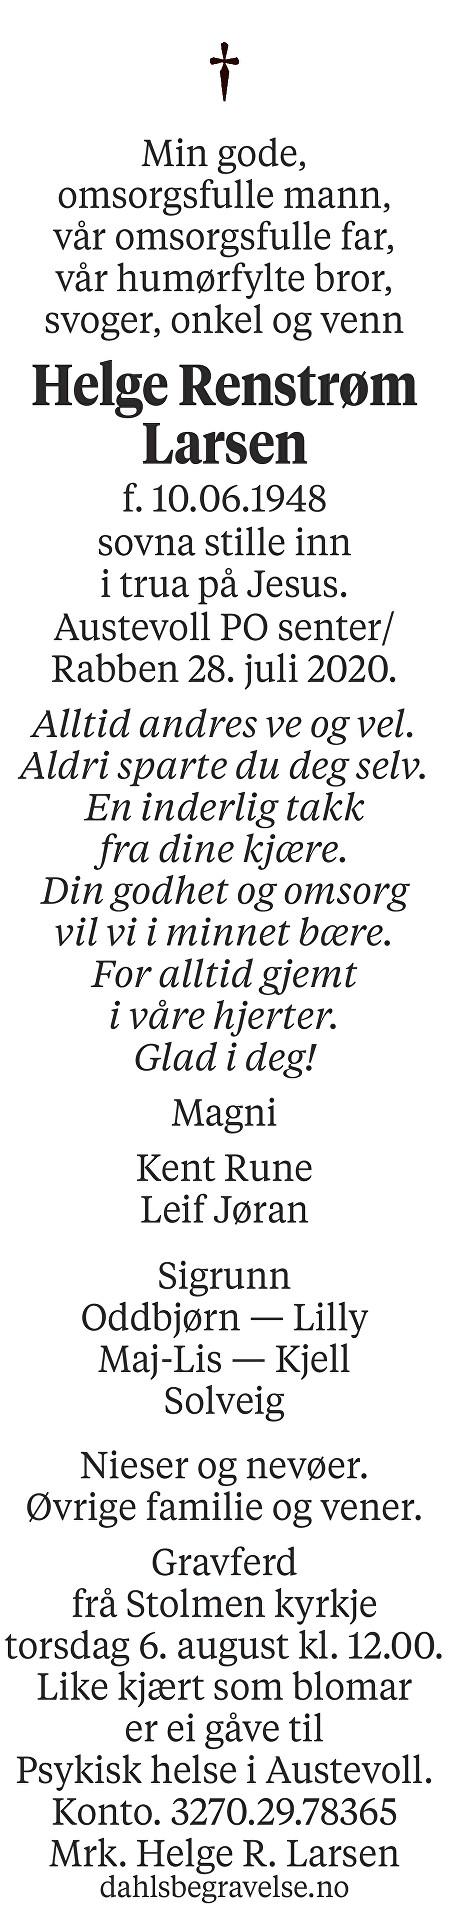 Helge Renstrøm Larsen Dødsannonse